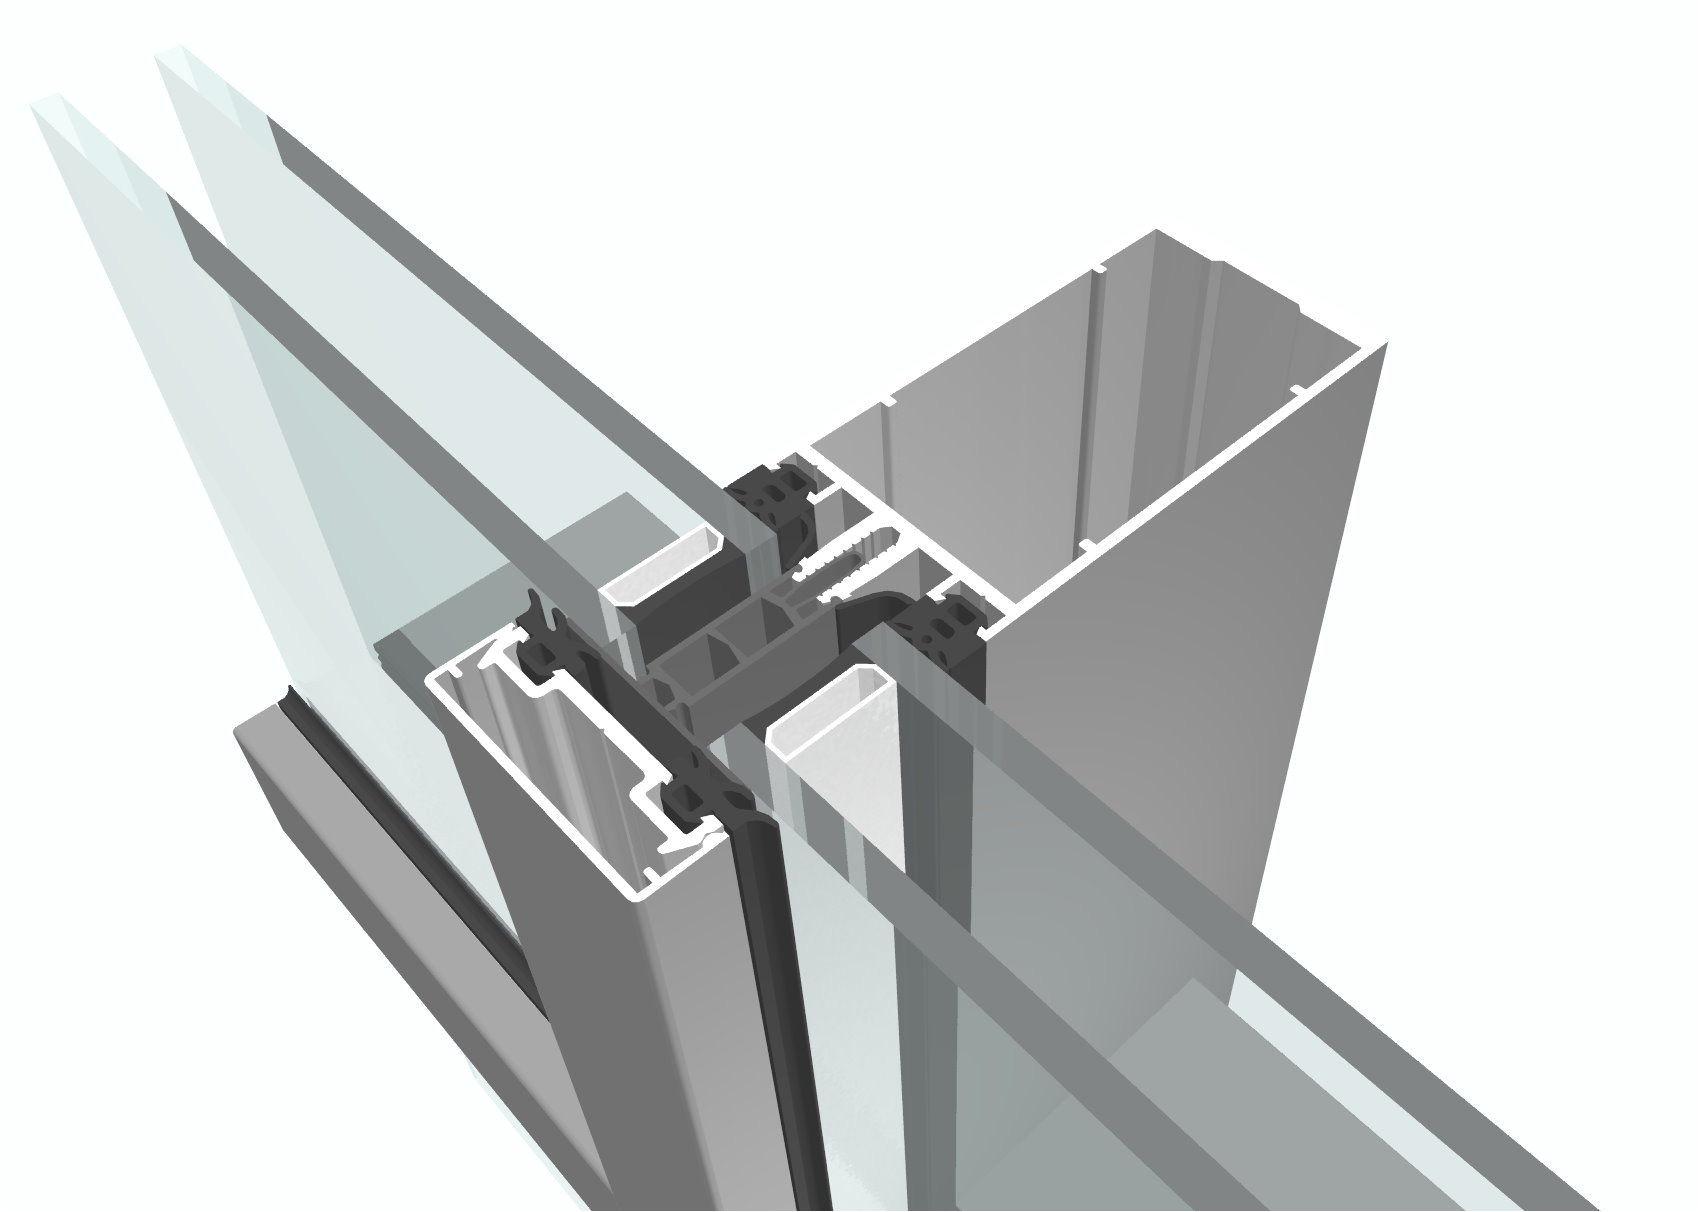 el bonito perfiles aluminio para ventanas con motivo de de aupa perfil de aluminio para muro cortina con montantes y travesac2b1os planificacion para